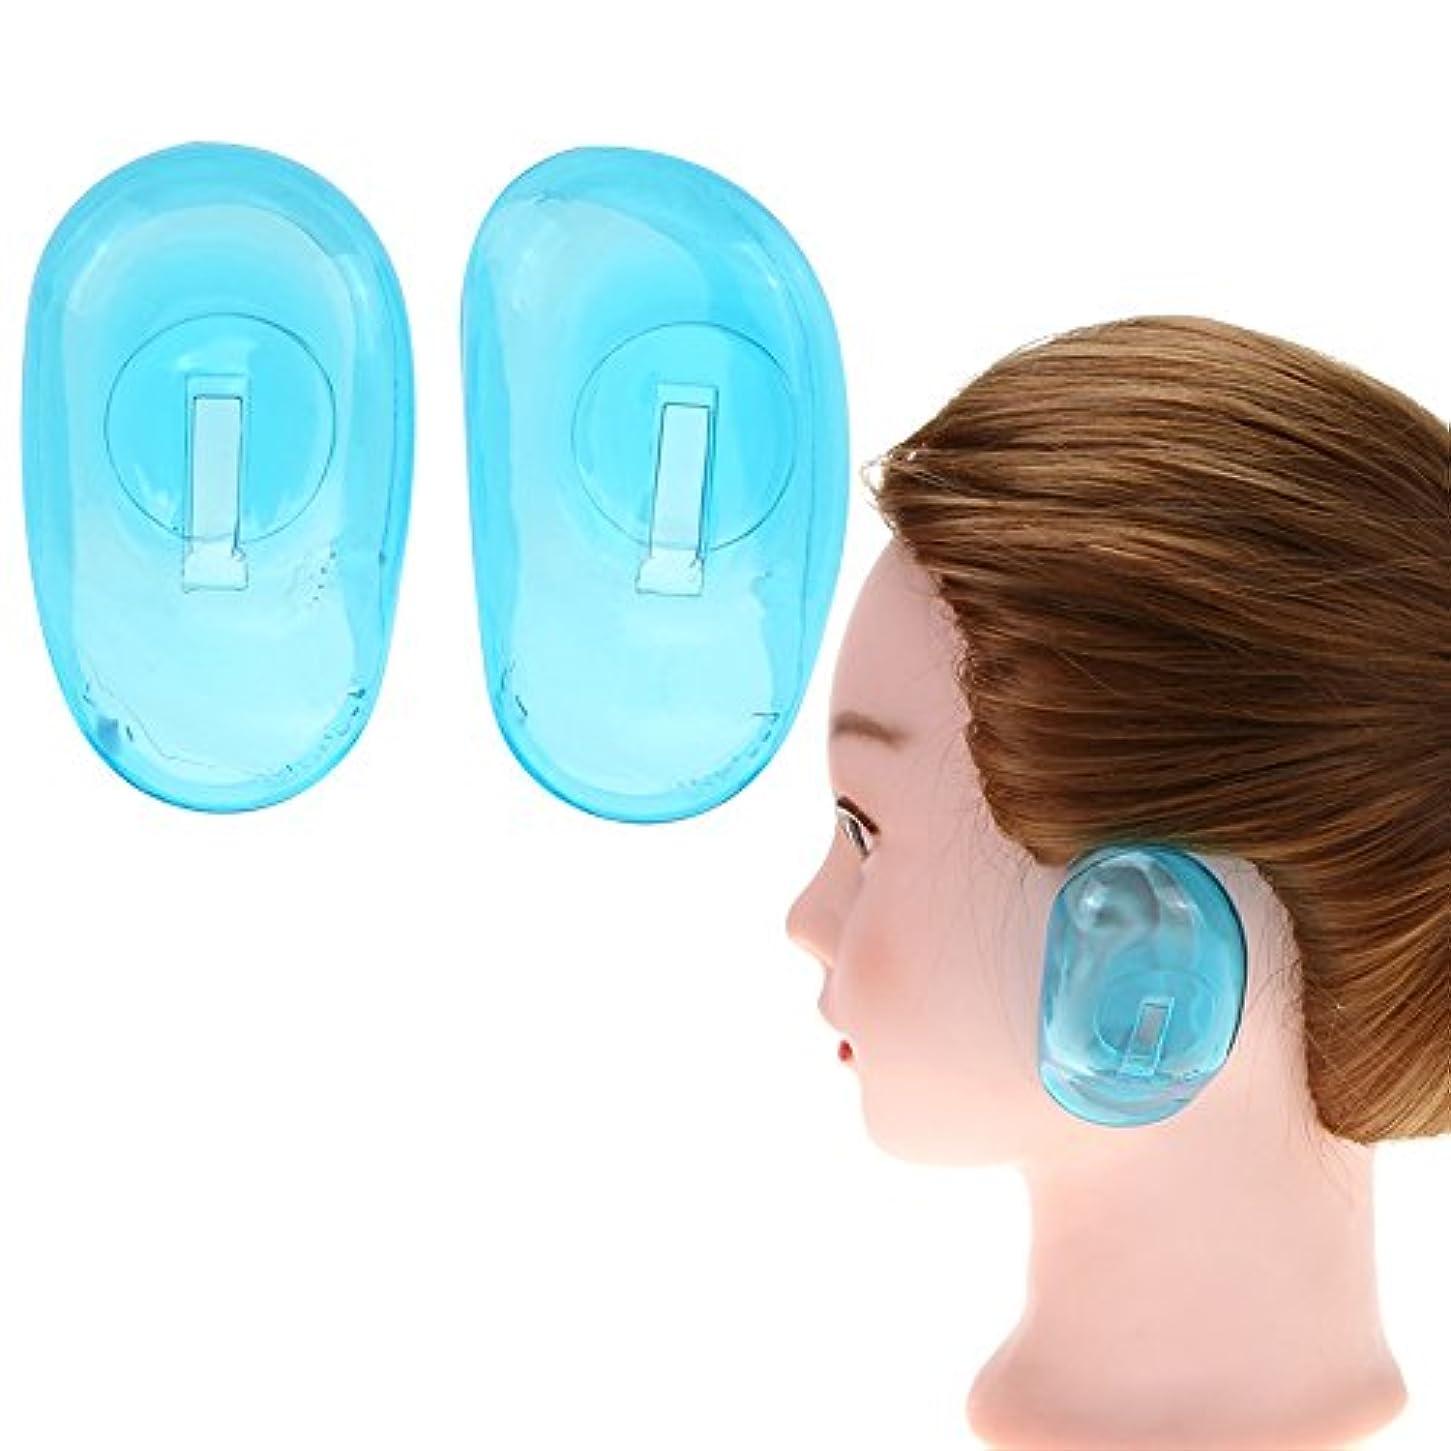 コウモリ供給テザーRuier-tong 1ペア耳カバー 毛染め用 シリコン製 耳キャップ 柔らかいイヤーキャップ ヘアカラー シャワー 耳保護 ヘアケアツール サロン 洗える 繰り返す使用可能 エコ 8.5x5cm